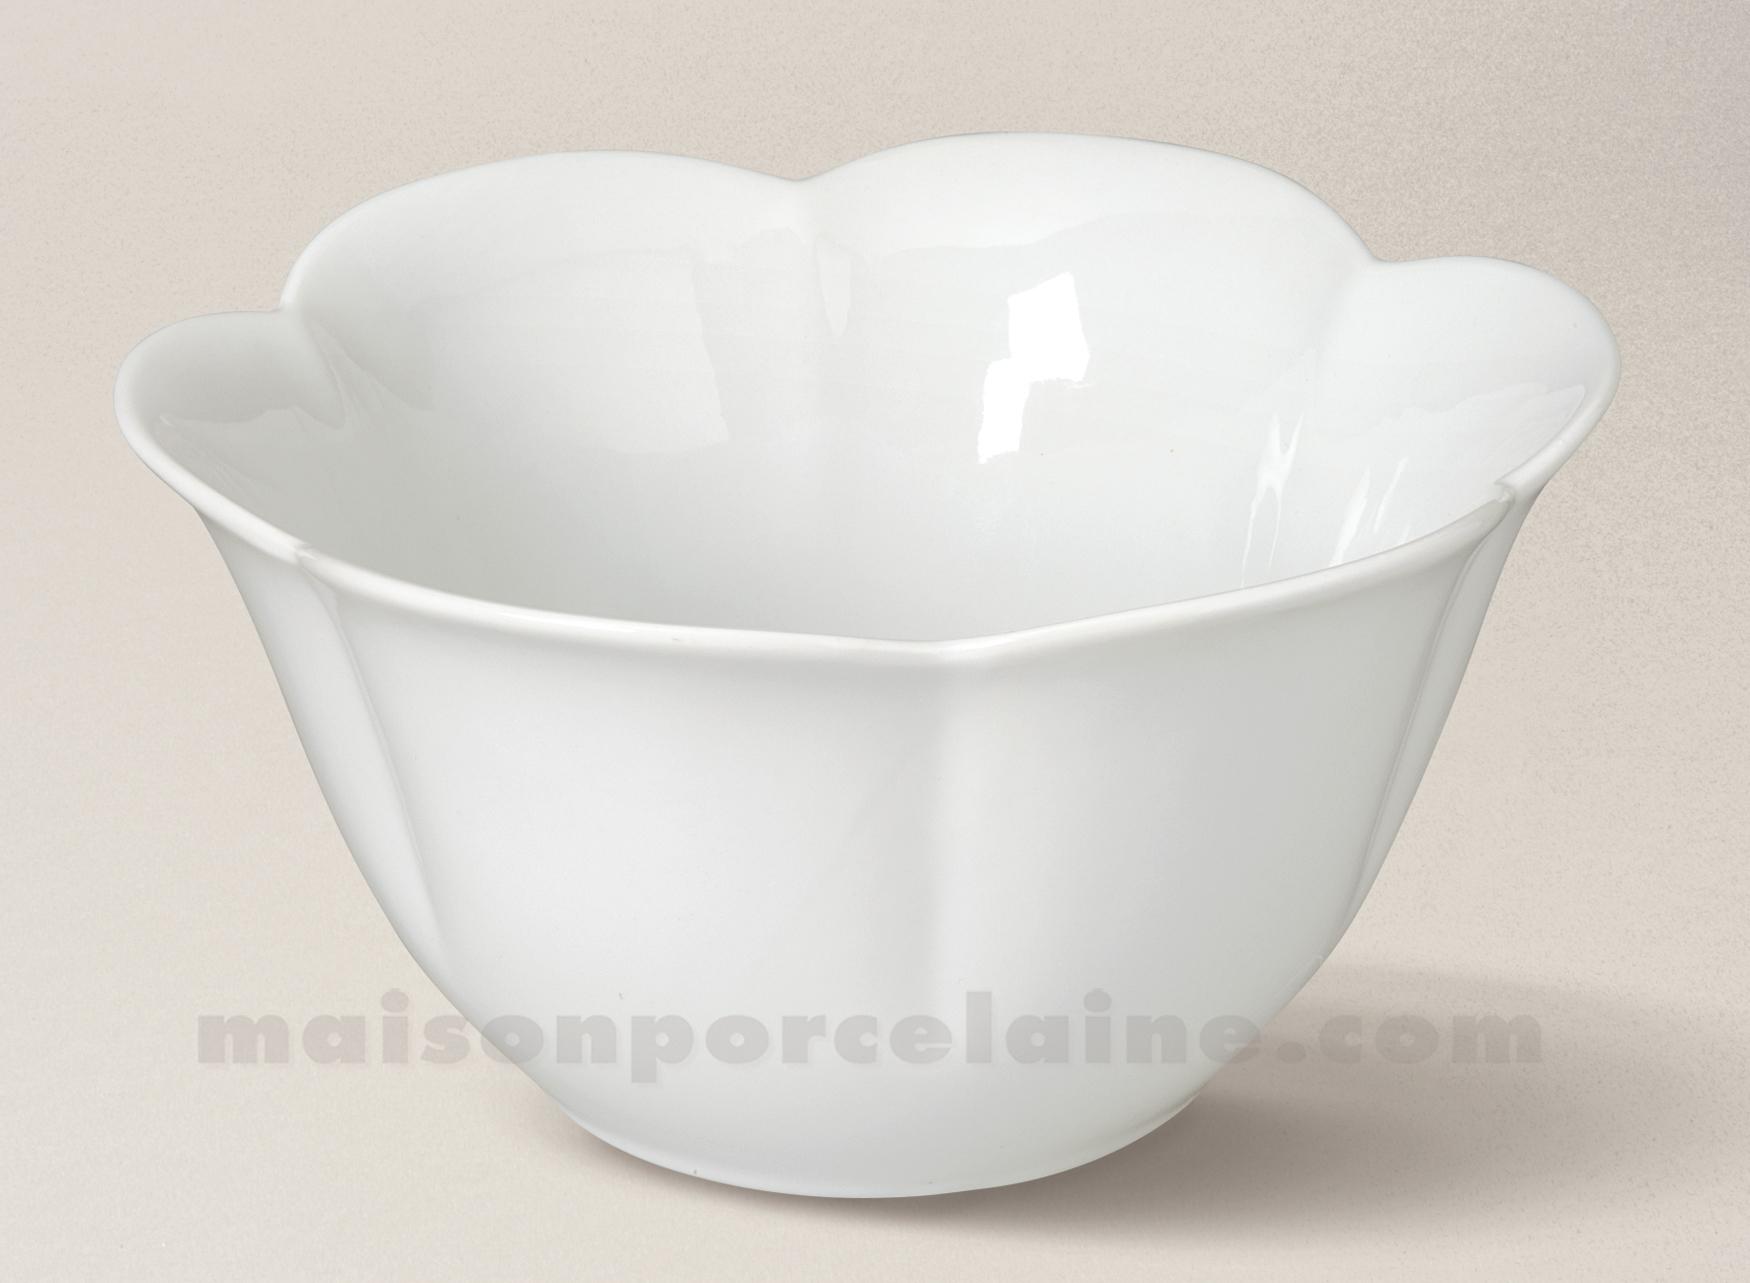 saladier porcelaine blanche maya 23x21 6 maison de la porcelaine. Black Bedroom Furniture Sets. Home Design Ideas